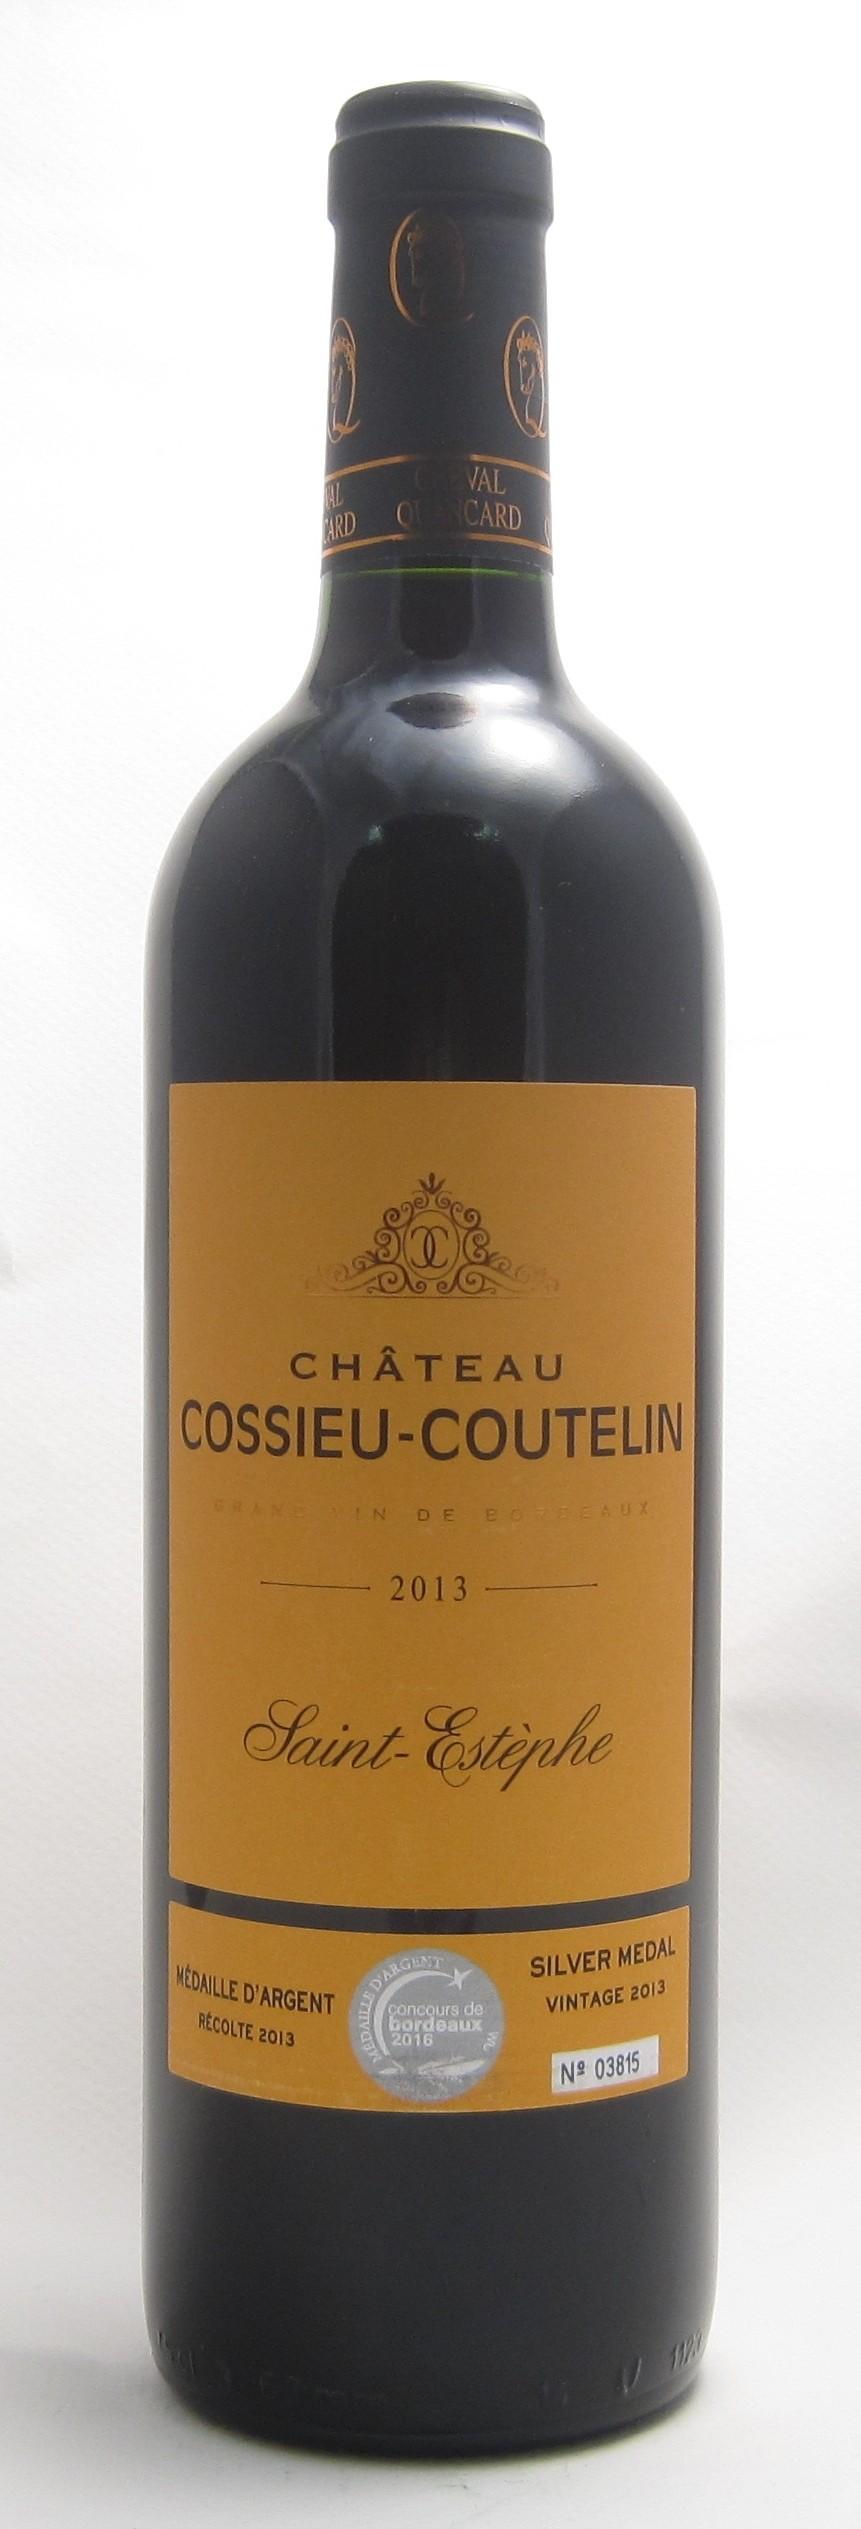 Chateau Cossieu-Coutelin Saint Estéphe